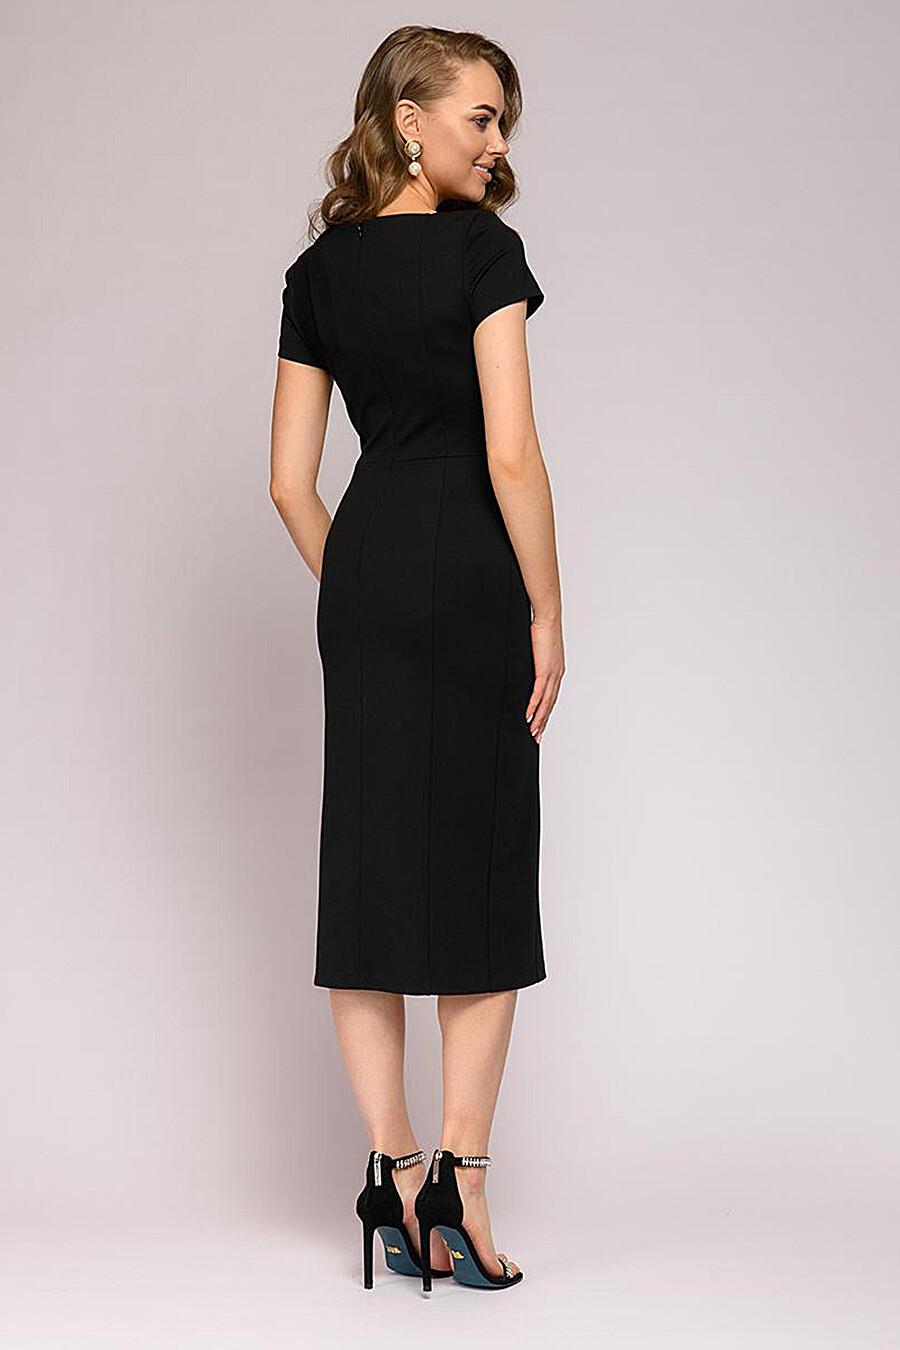 Платье для женщин 1001 DRESS 176141 купить оптом от производителя. Совместная покупка женской одежды в OptMoyo